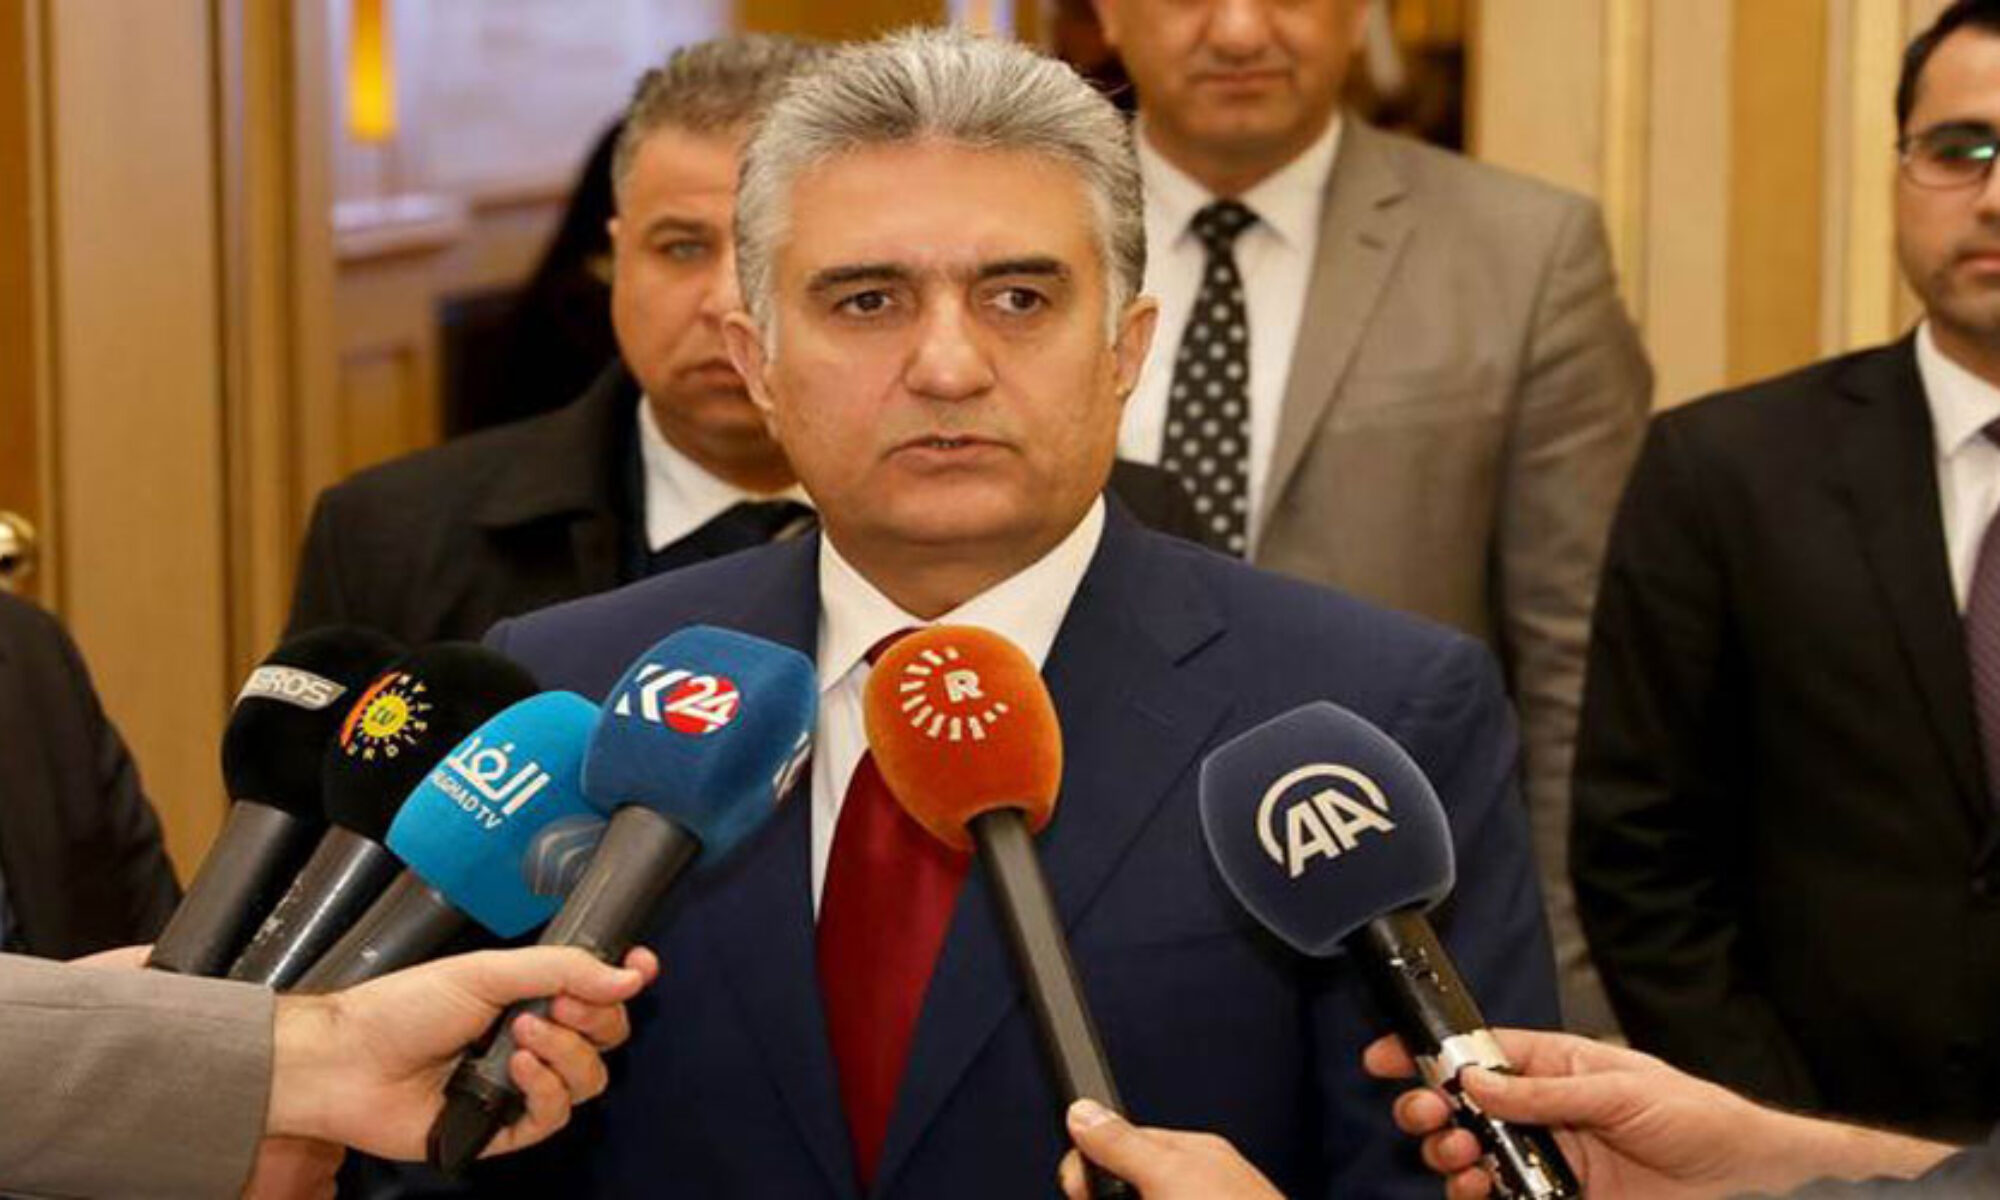 İçişleri Bakanı Ahmed: Erbil'e saldırı Irak'taki tek terörist gurubun IŞİD olmadığını gösterdi